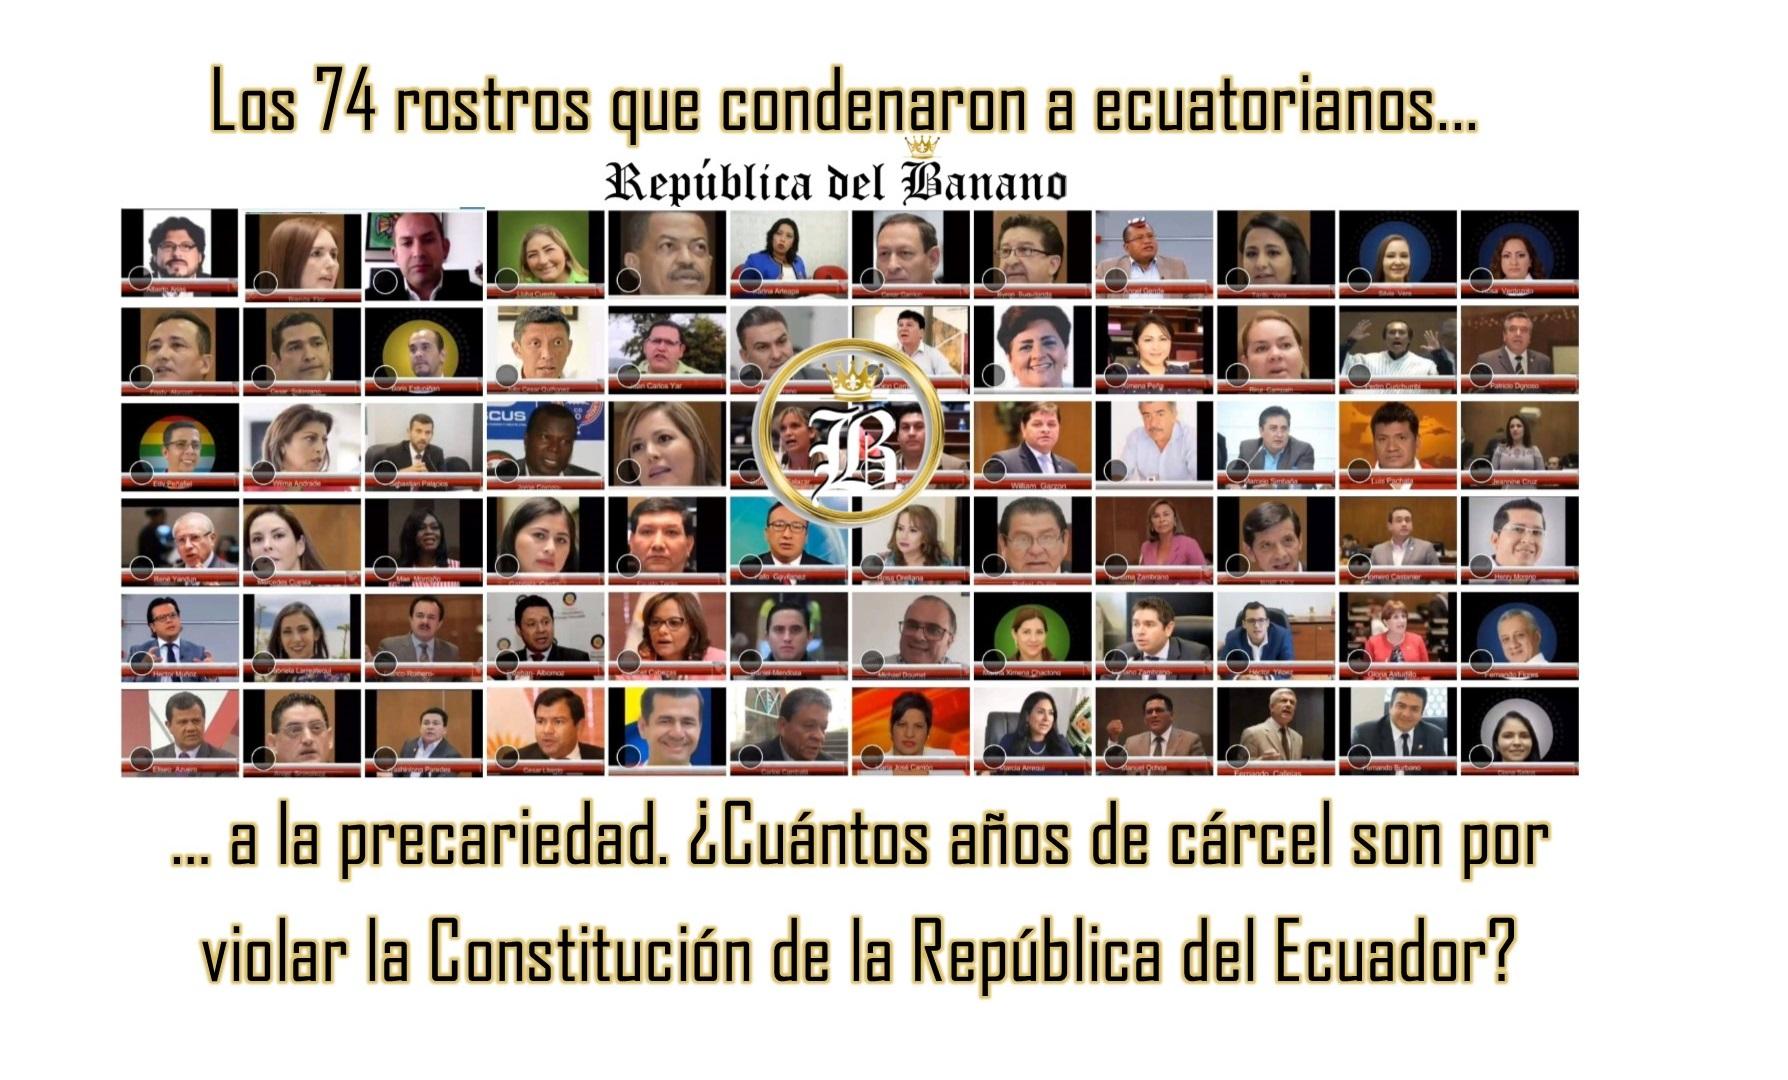 conozca los rostros de los 74 asambleistas que condenaron a ecuatorianos a la ley humanitaria o de esclavitud de moreno y lasso